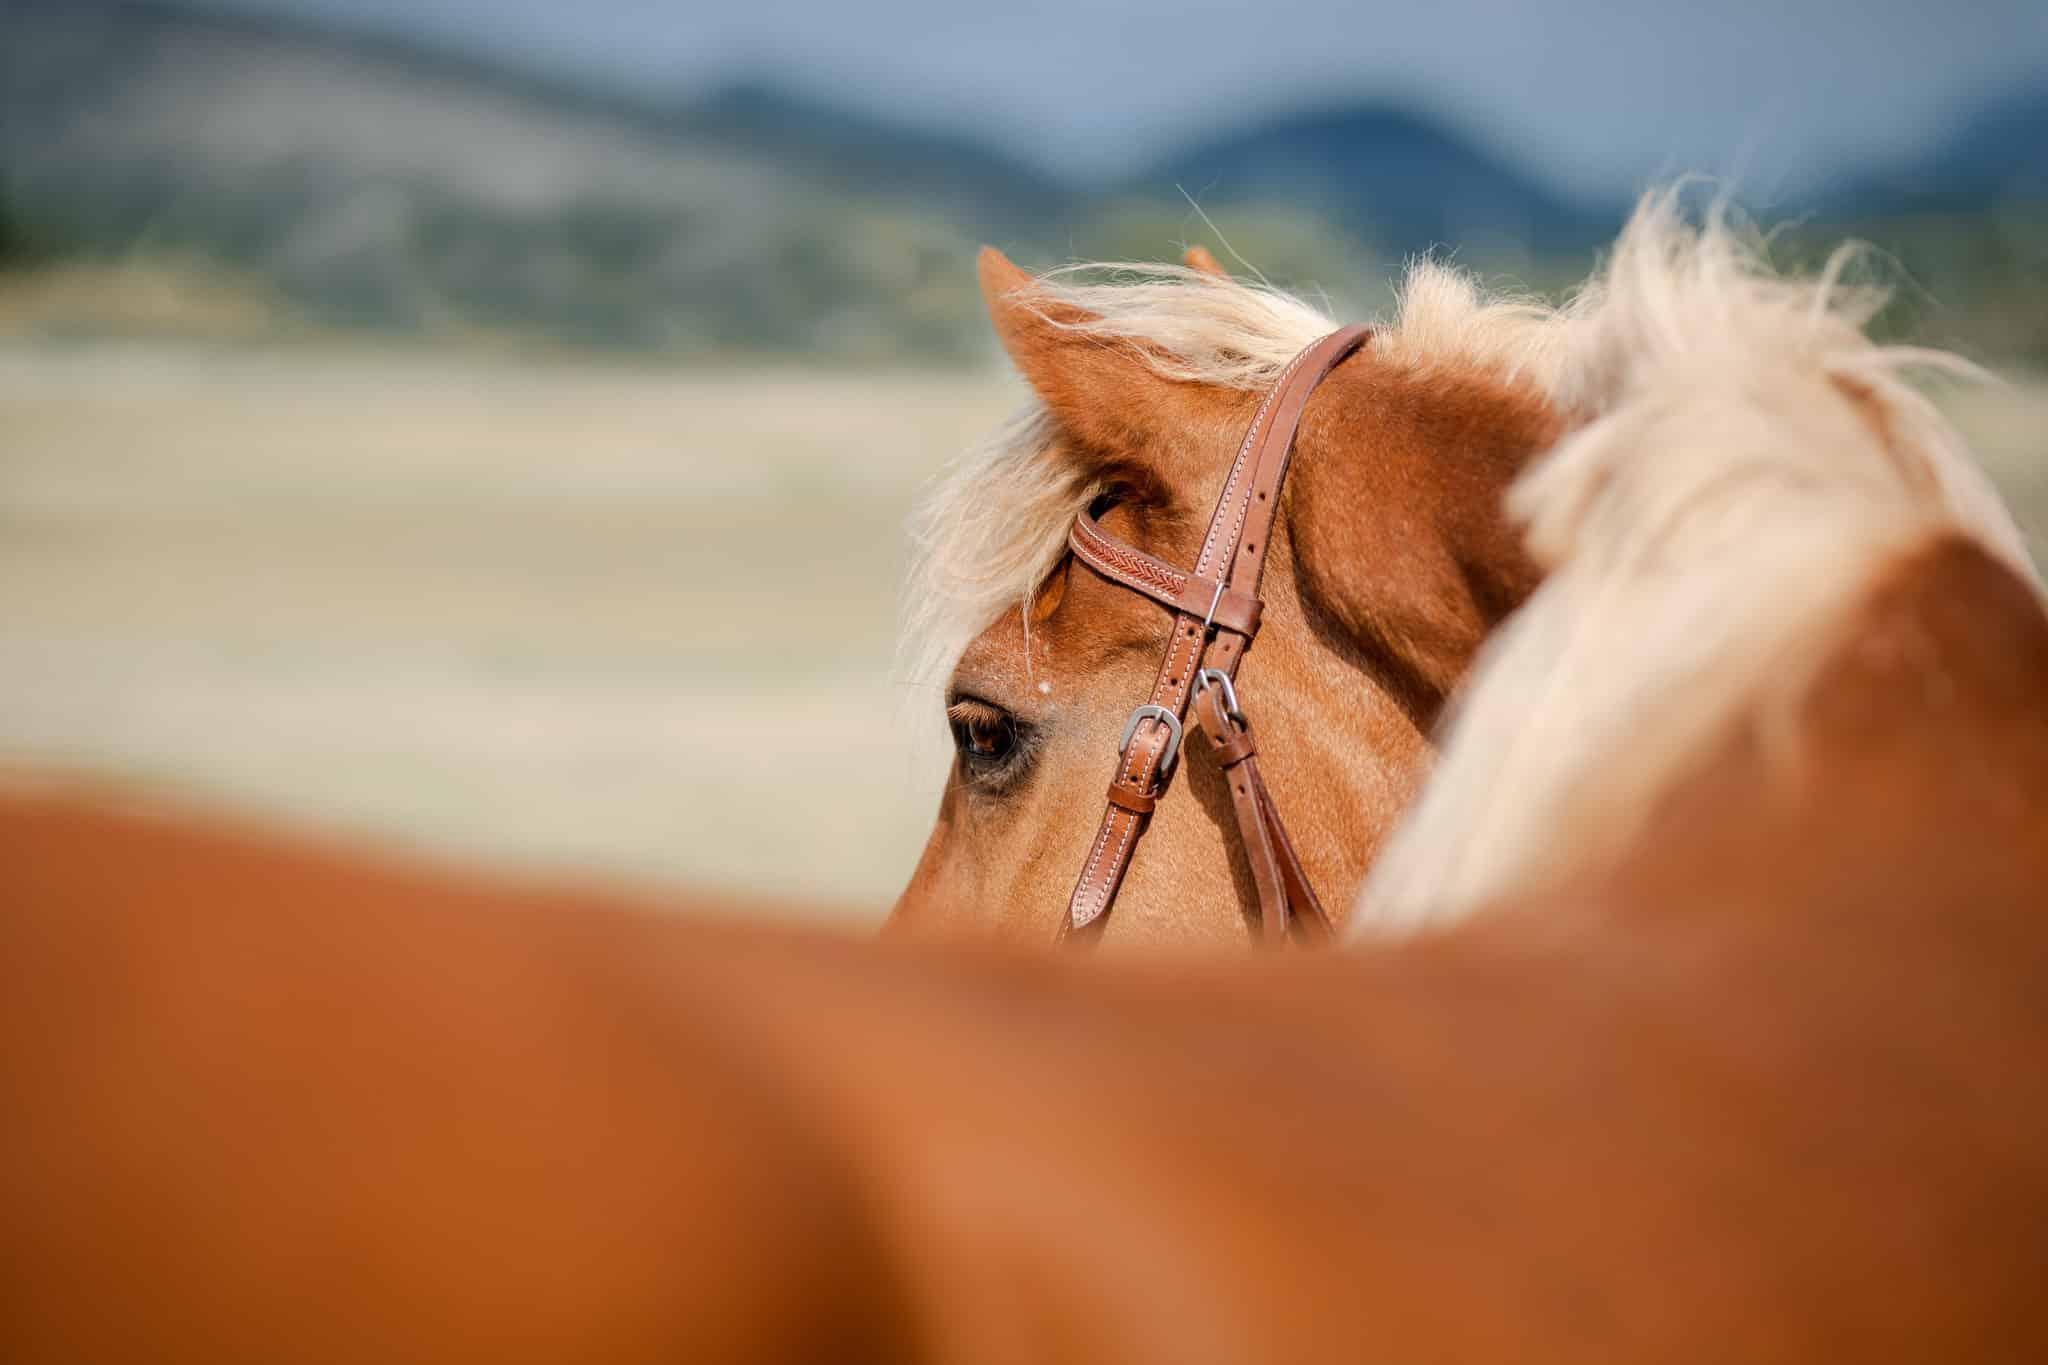 séance photo équine avec un cheval à Fréjus